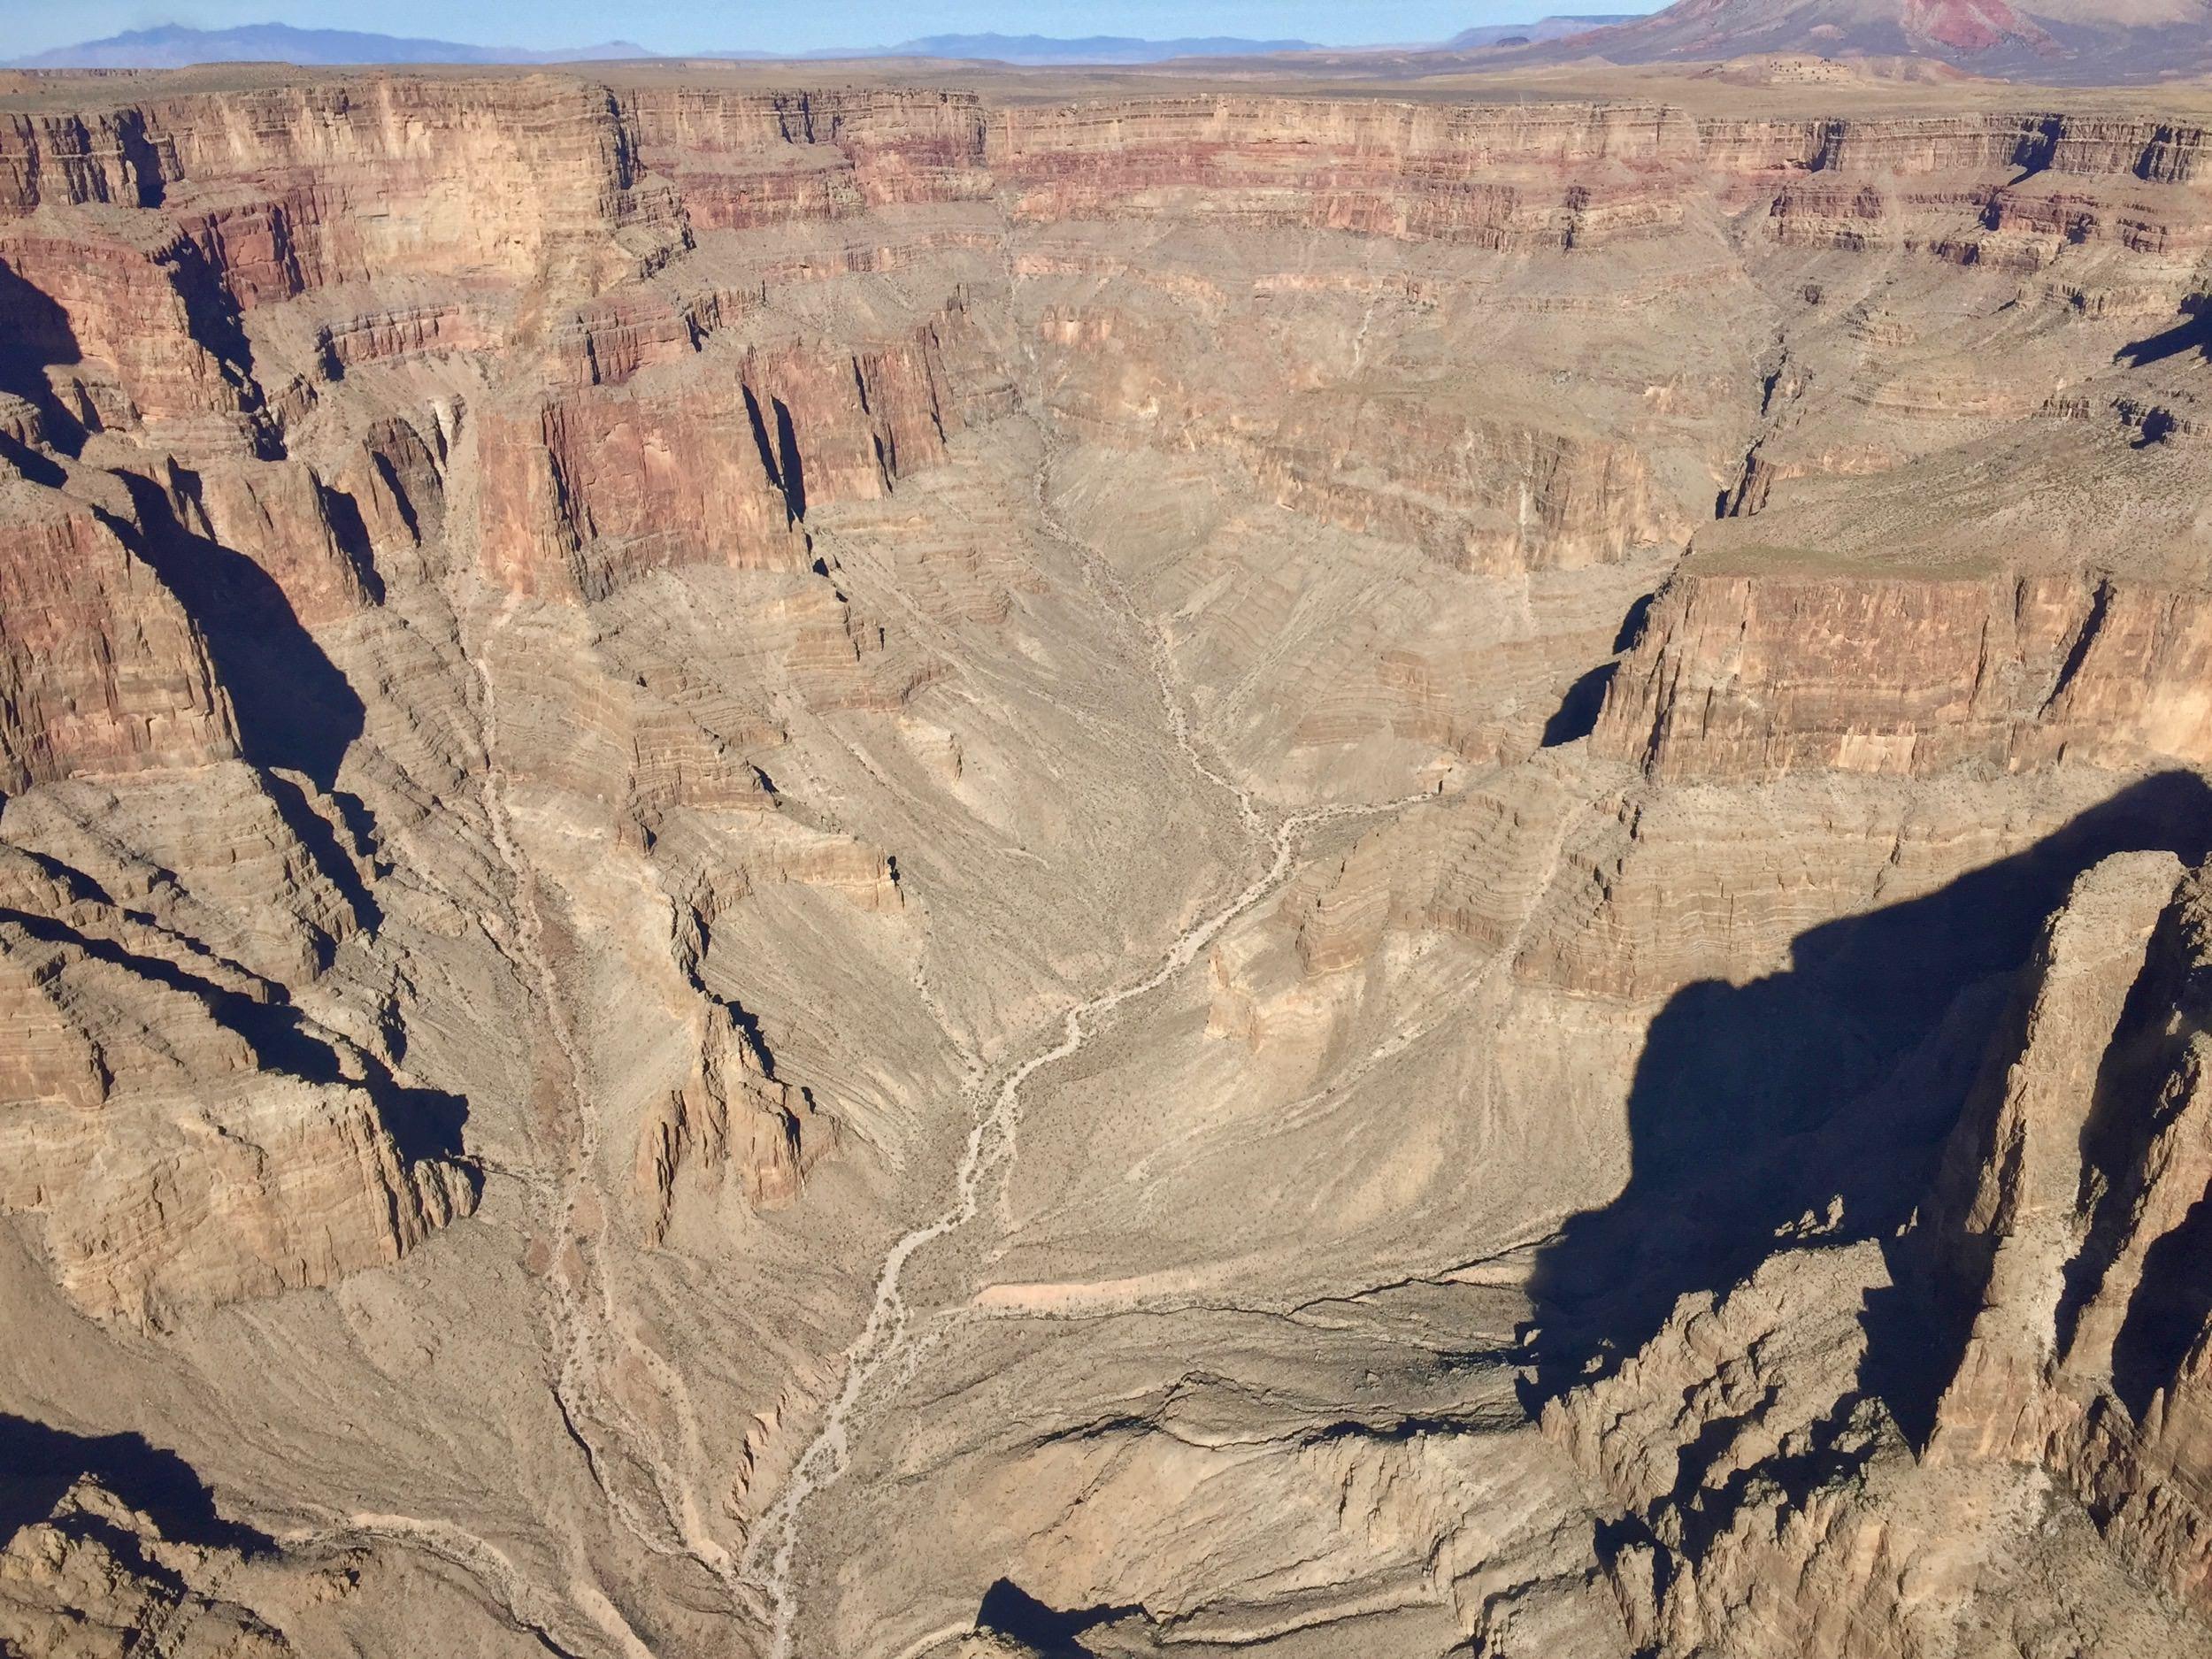 Собственно сам Гранд-Каньон состоит из множества маленьких каньонов